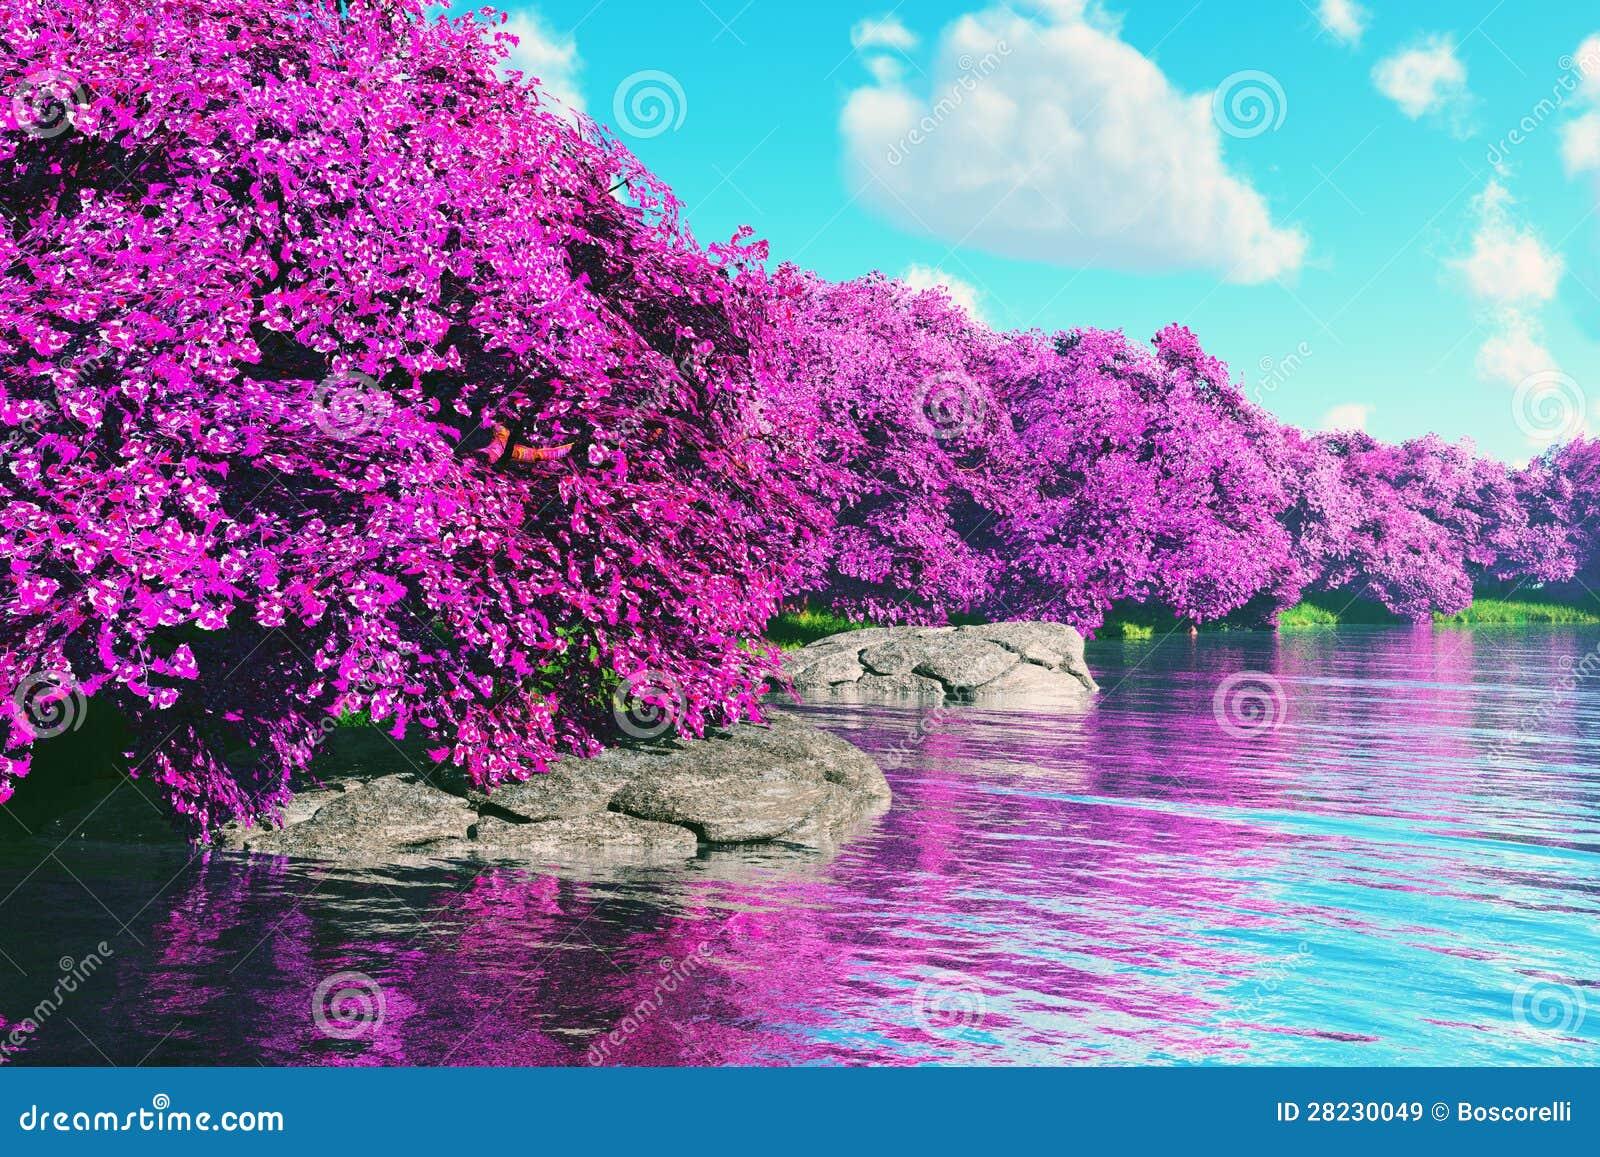 El Jardín Japonés De Las Flores De Cerezo Misteriosas En El Lago 3D ...